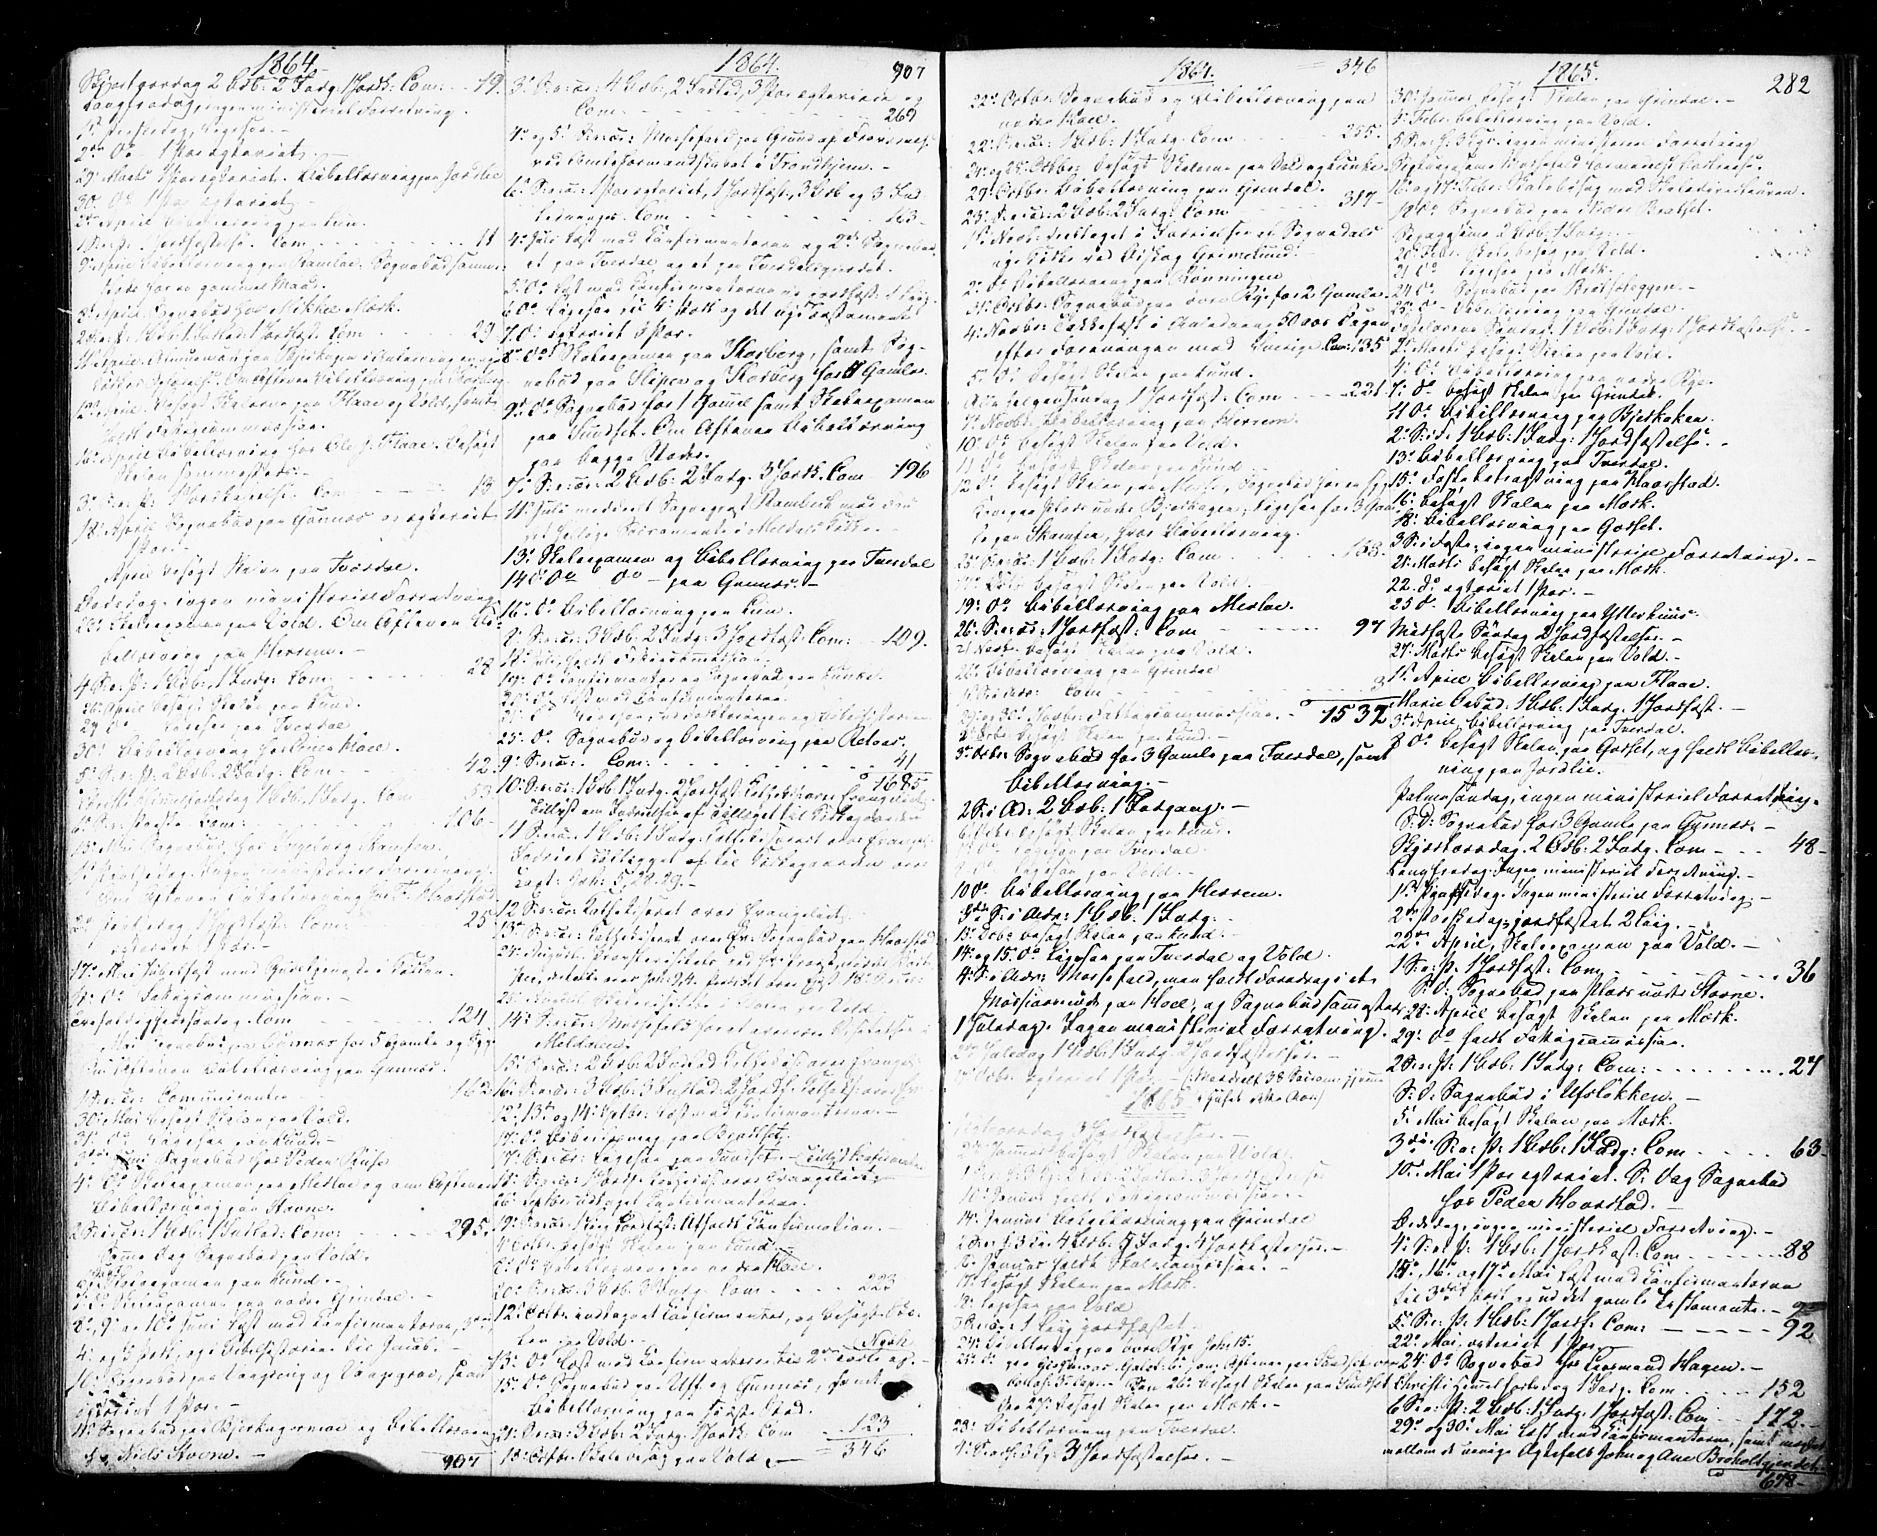 SAT, Ministerialprotokoller, klokkerbøker og fødselsregistre - Sør-Trøndelag, 674/L0870: Ministerialbok nr. 674A02, 1861-1879, s. 282